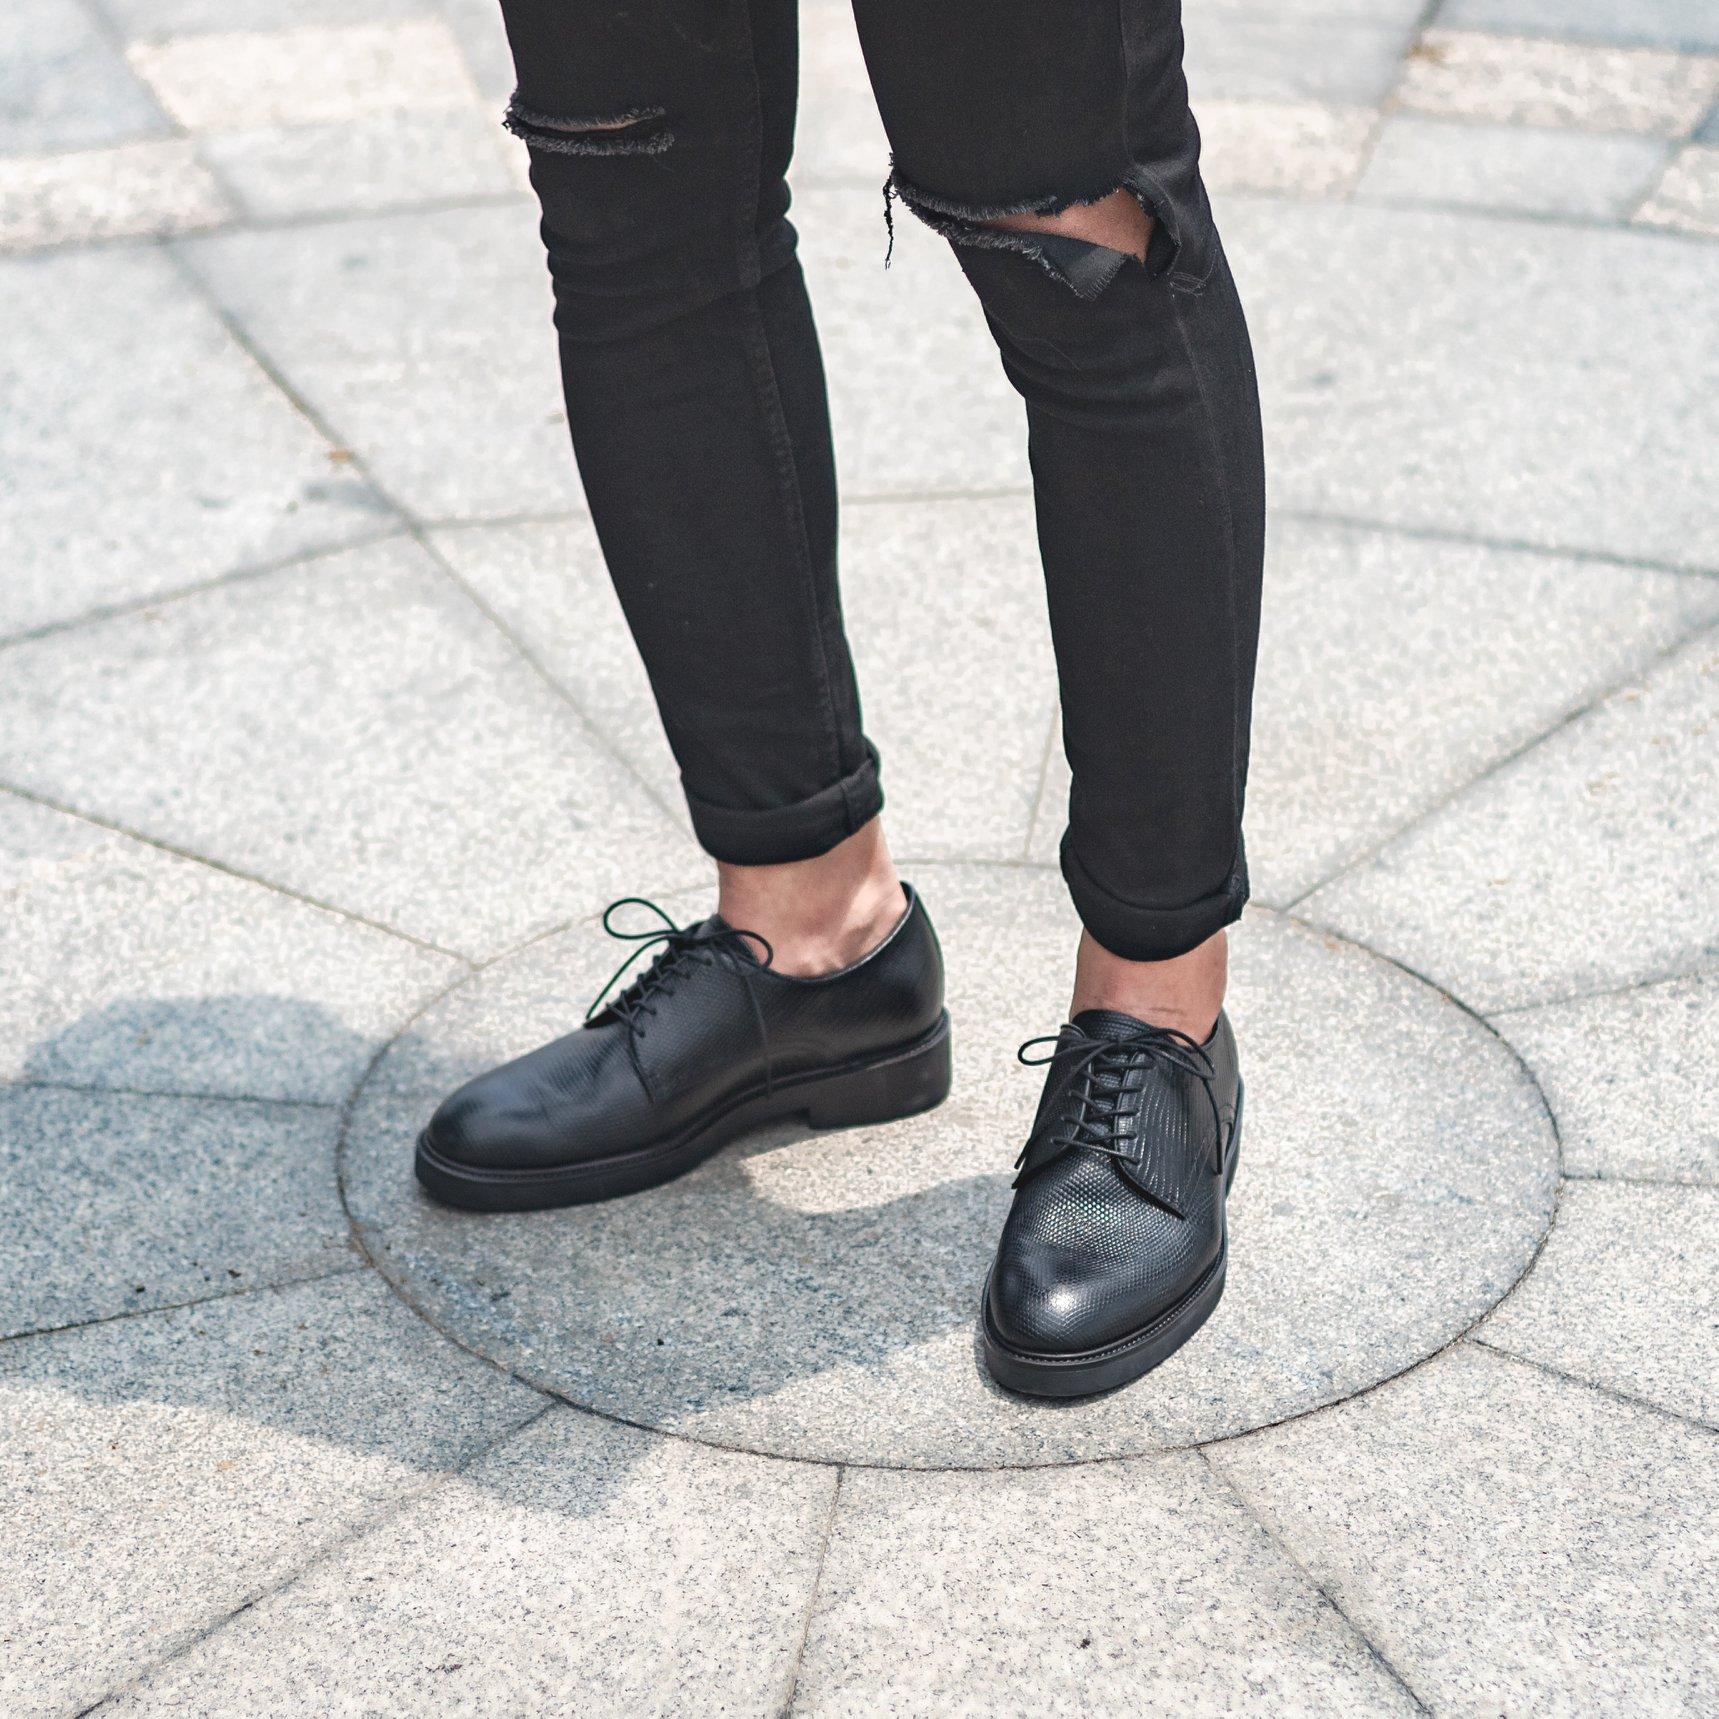 Giày Derby là gì, nguồn gốc và lịch sử